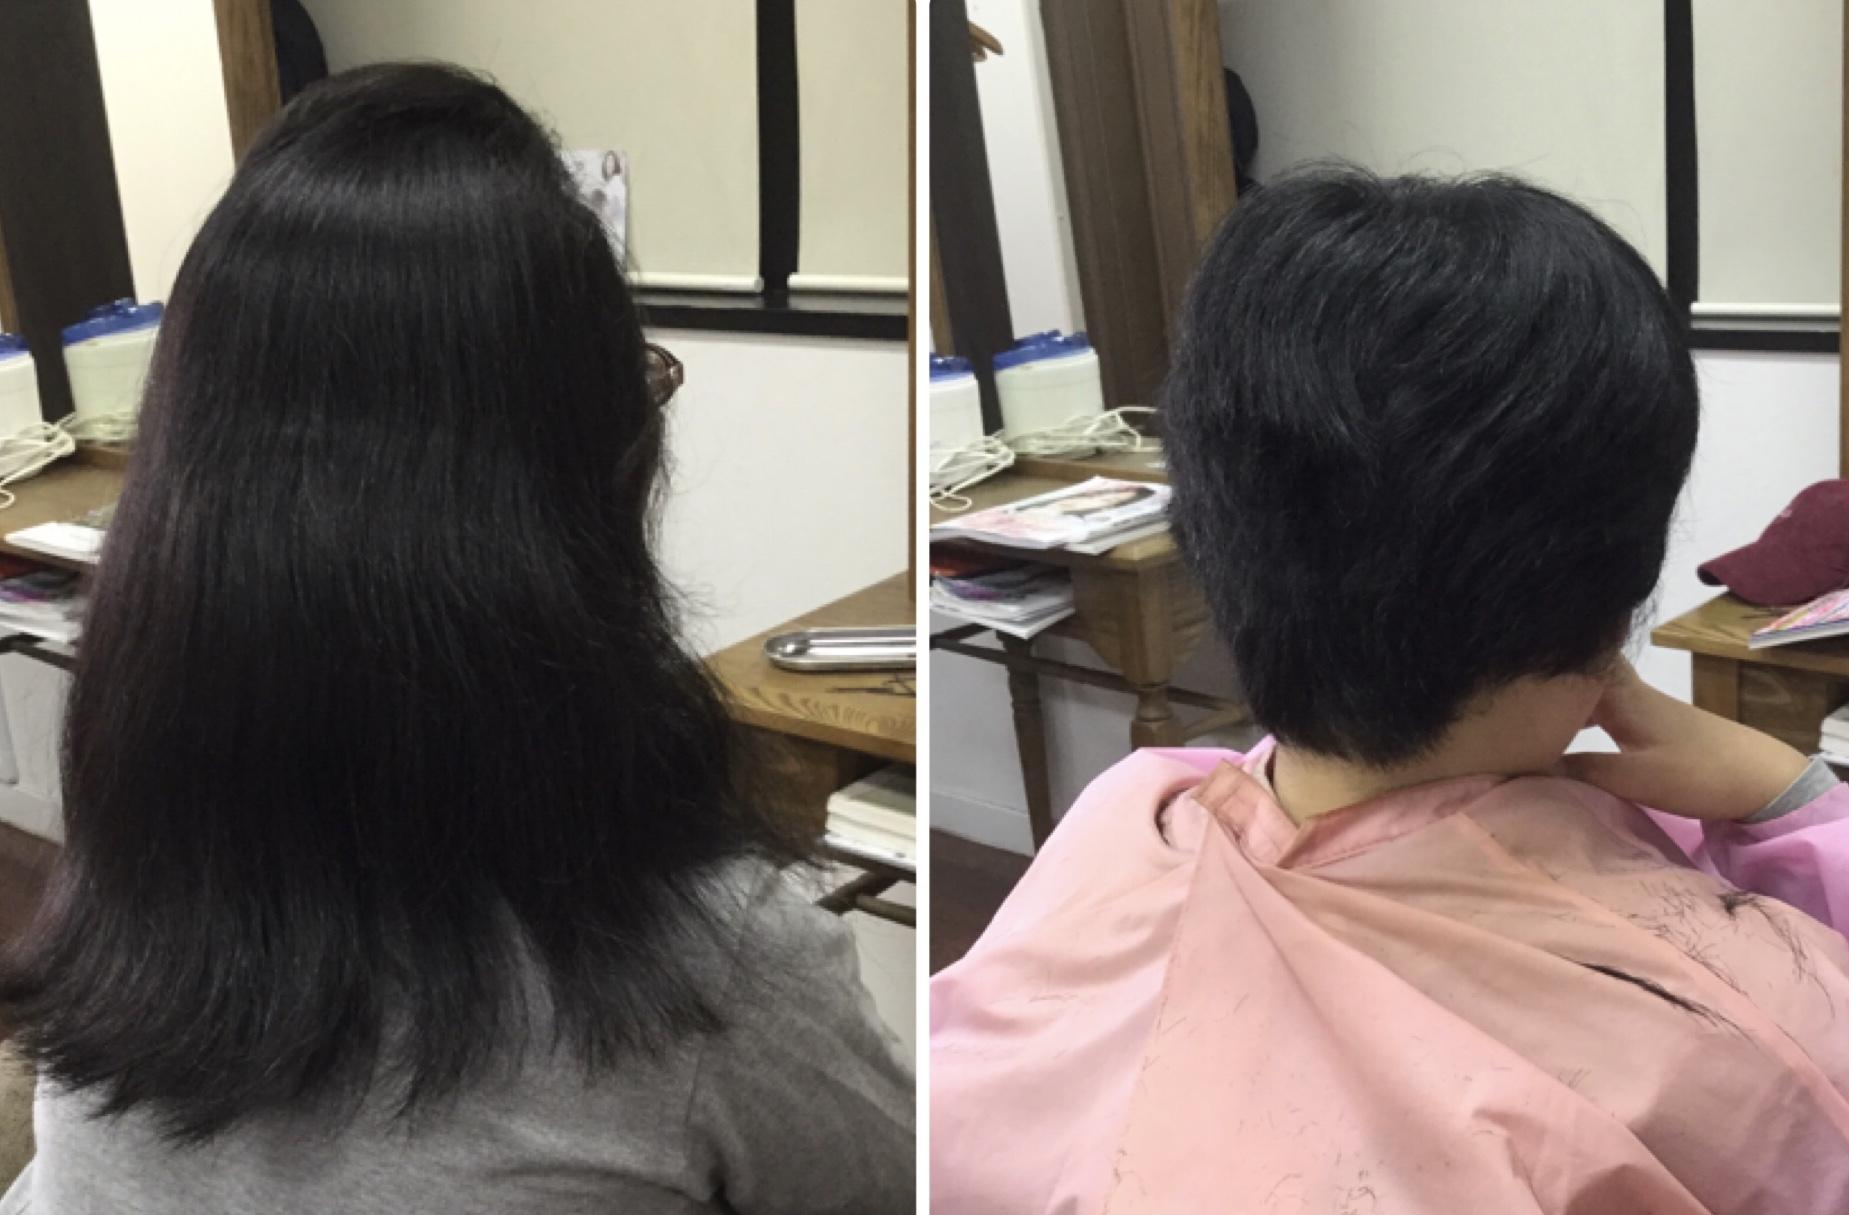 髪の量が多く、くせ毛でも【スキハサミを使わないキュビズムカット®︎】でロングからショートカットに